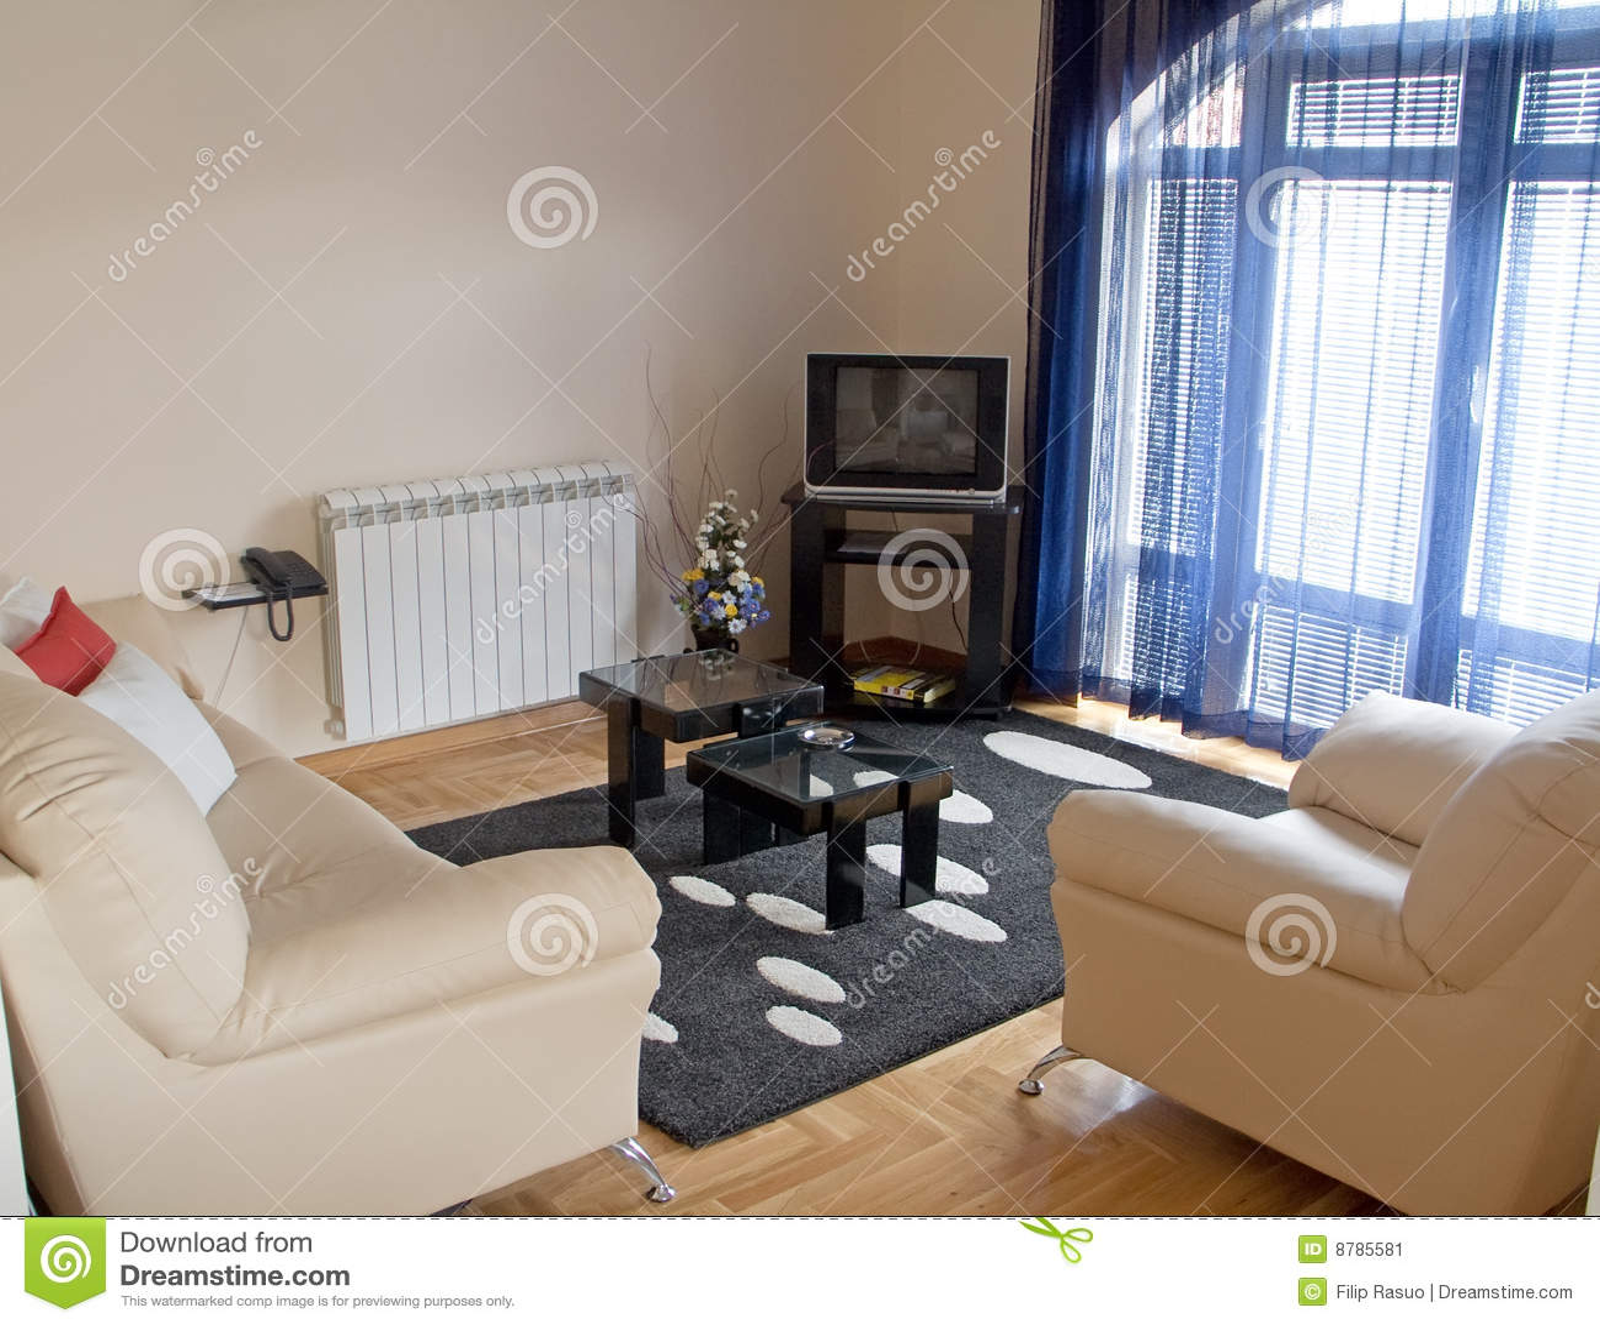 Salle de séjour intérieure